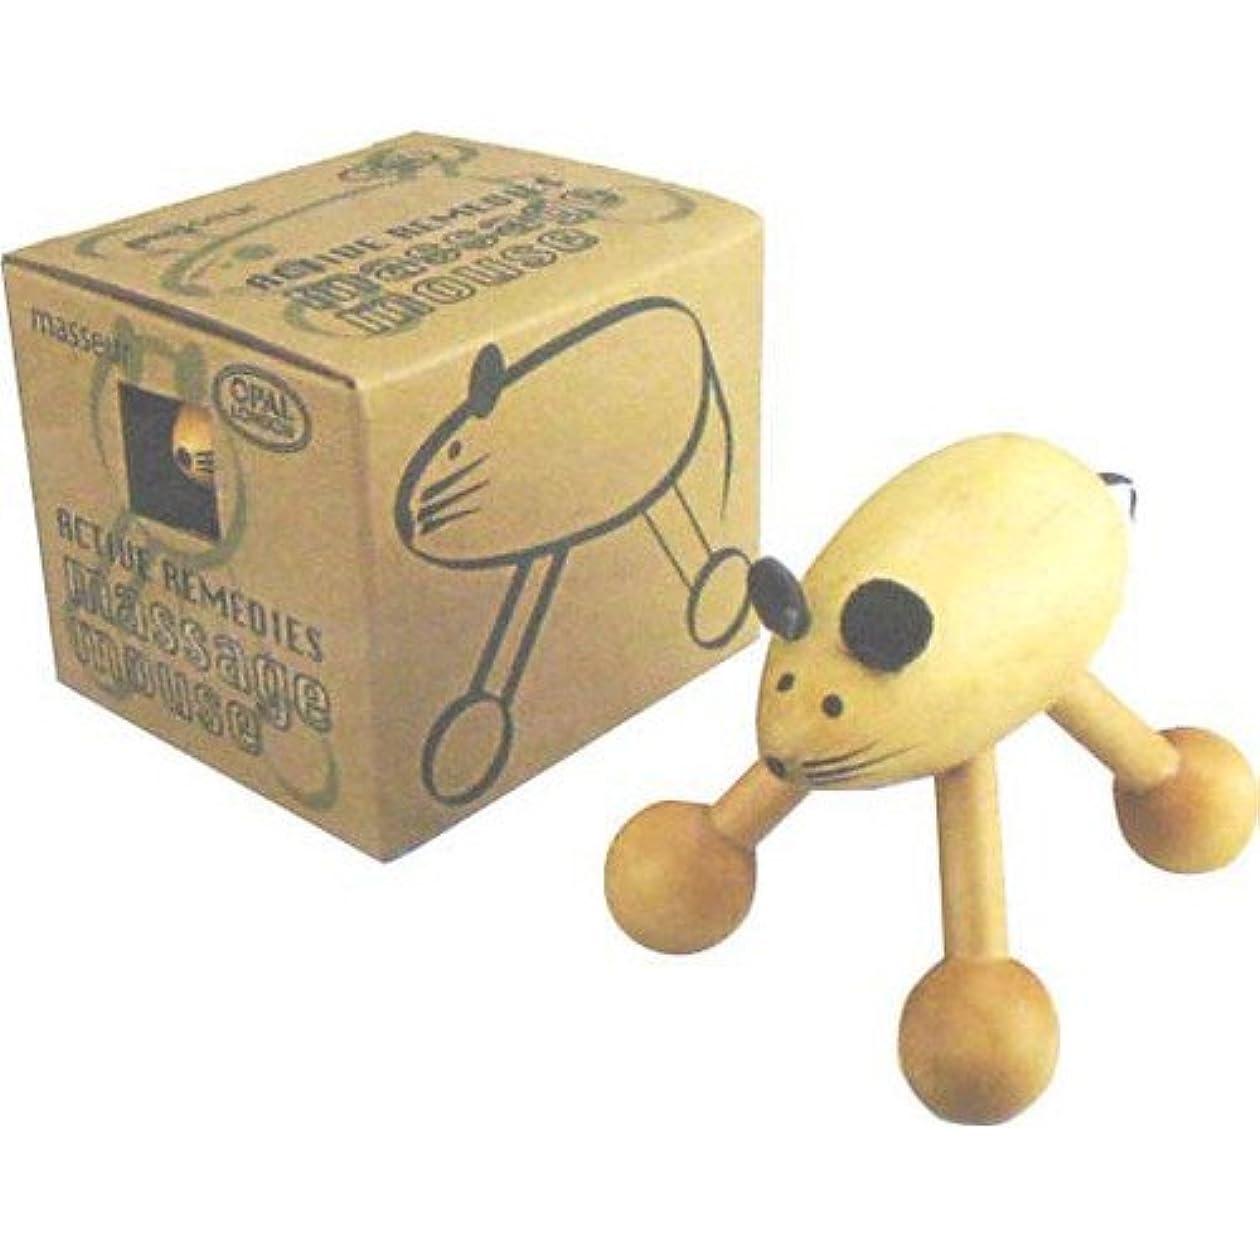 ルーム飢制約マサージマウス